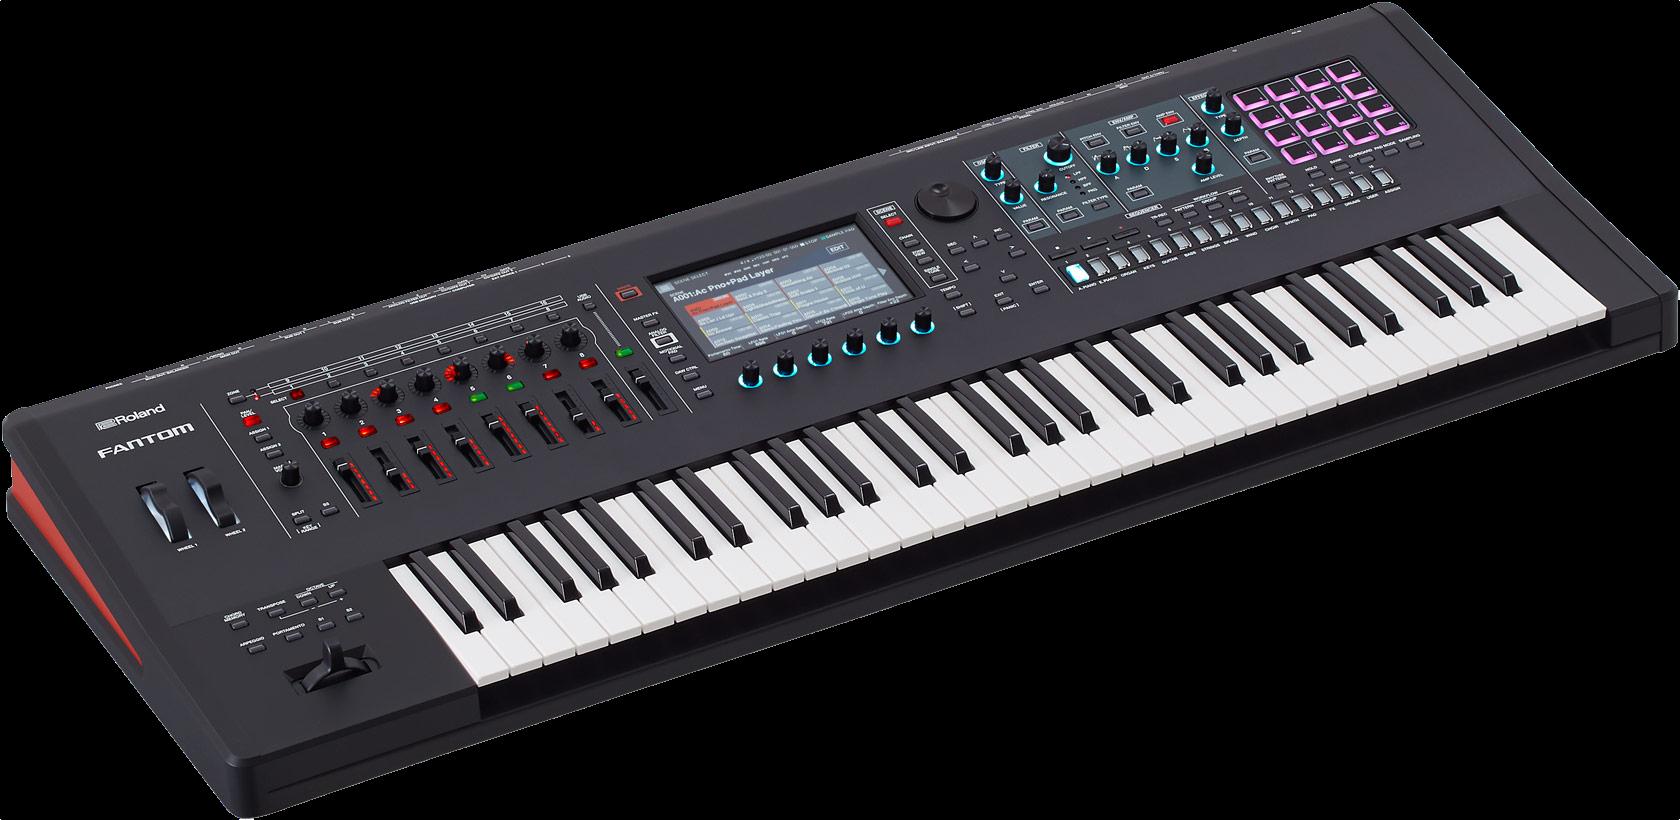 Roland FANTOM-6 Synth Workstation Keyboard - Left